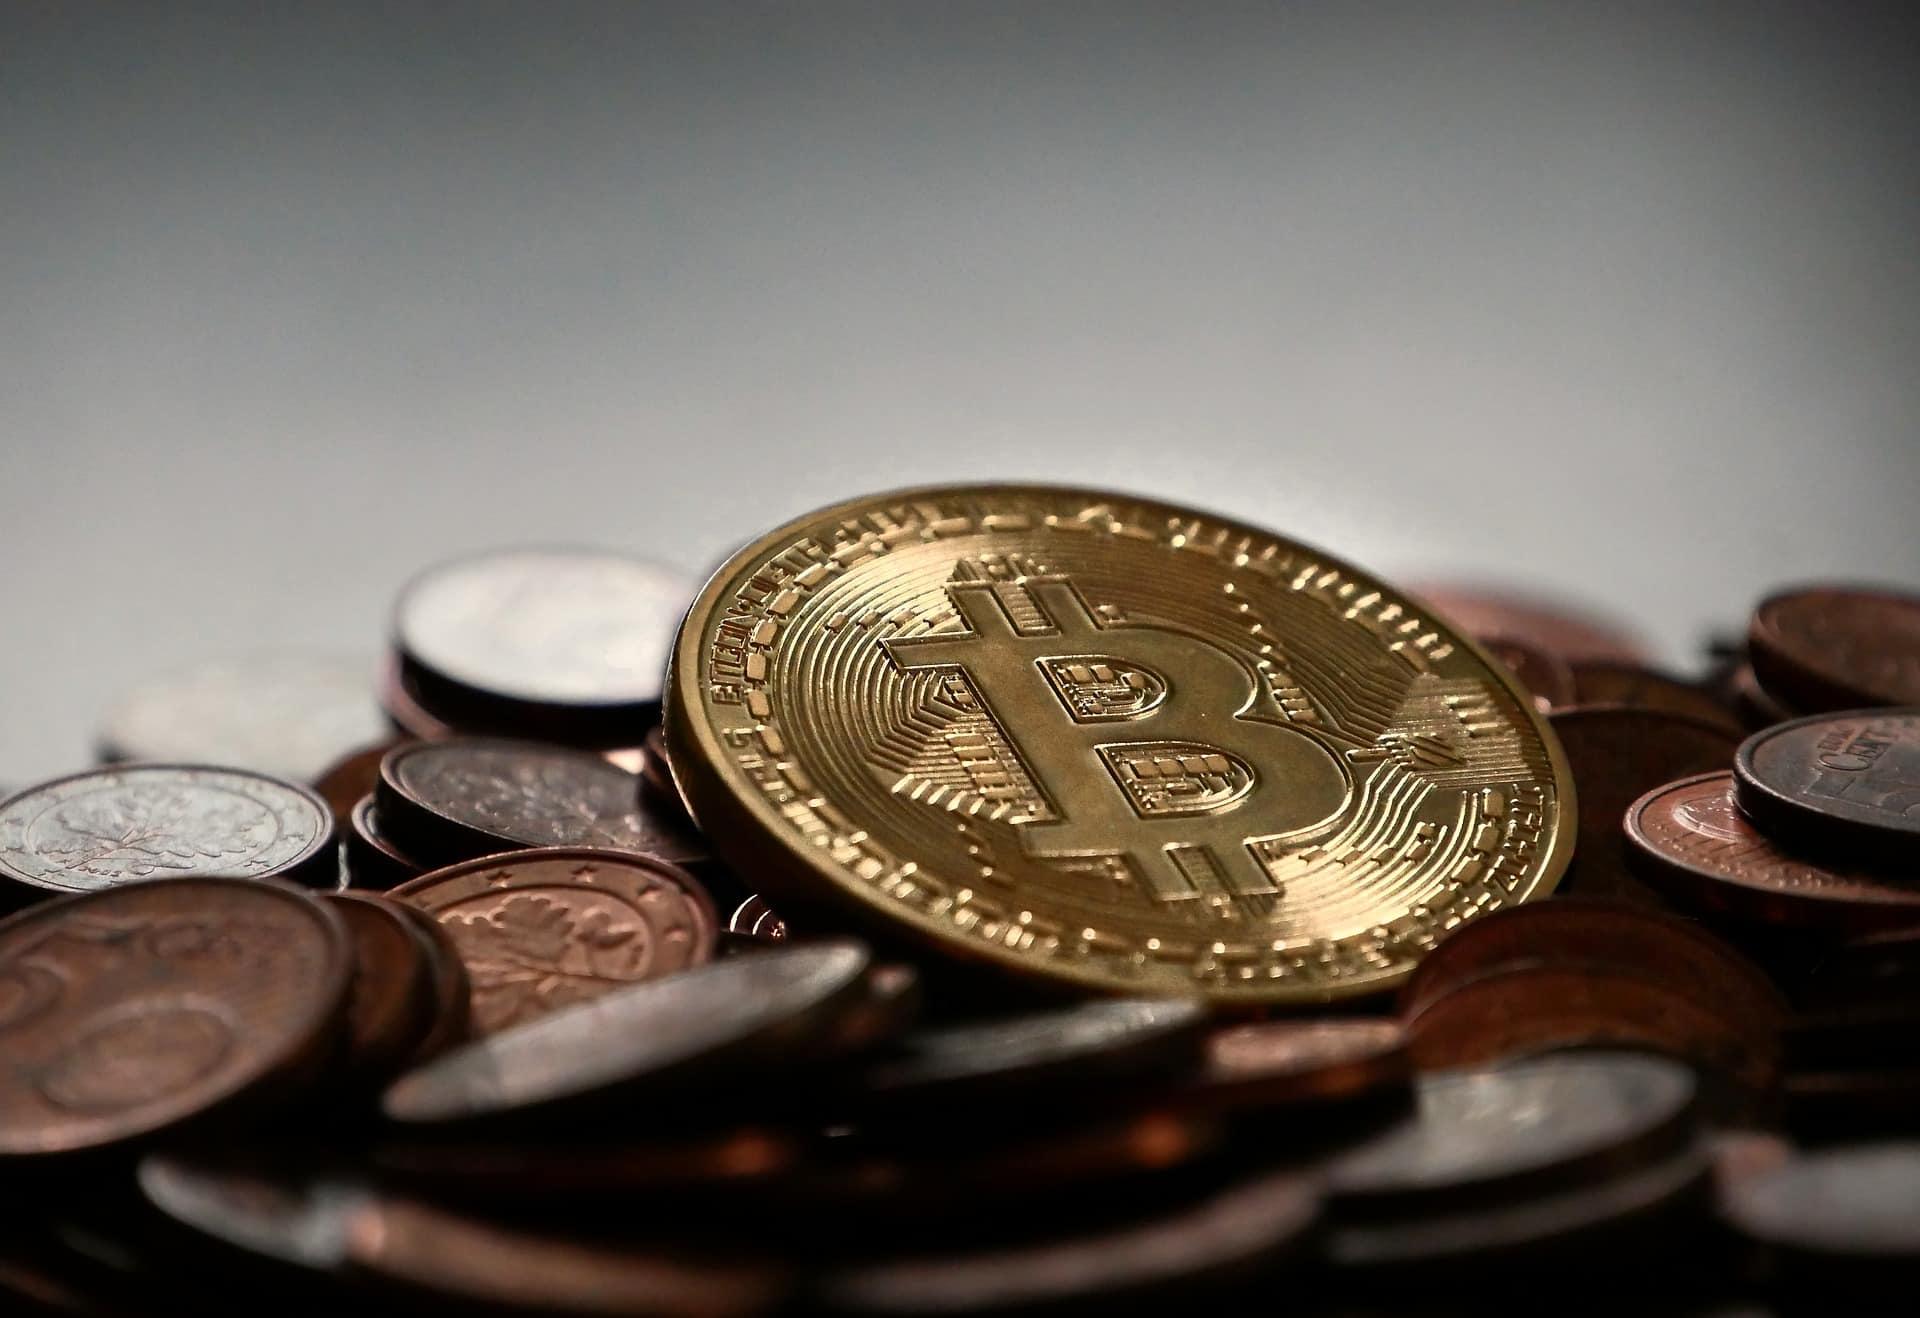 Juni 2019; bitcoin de grootste stijger